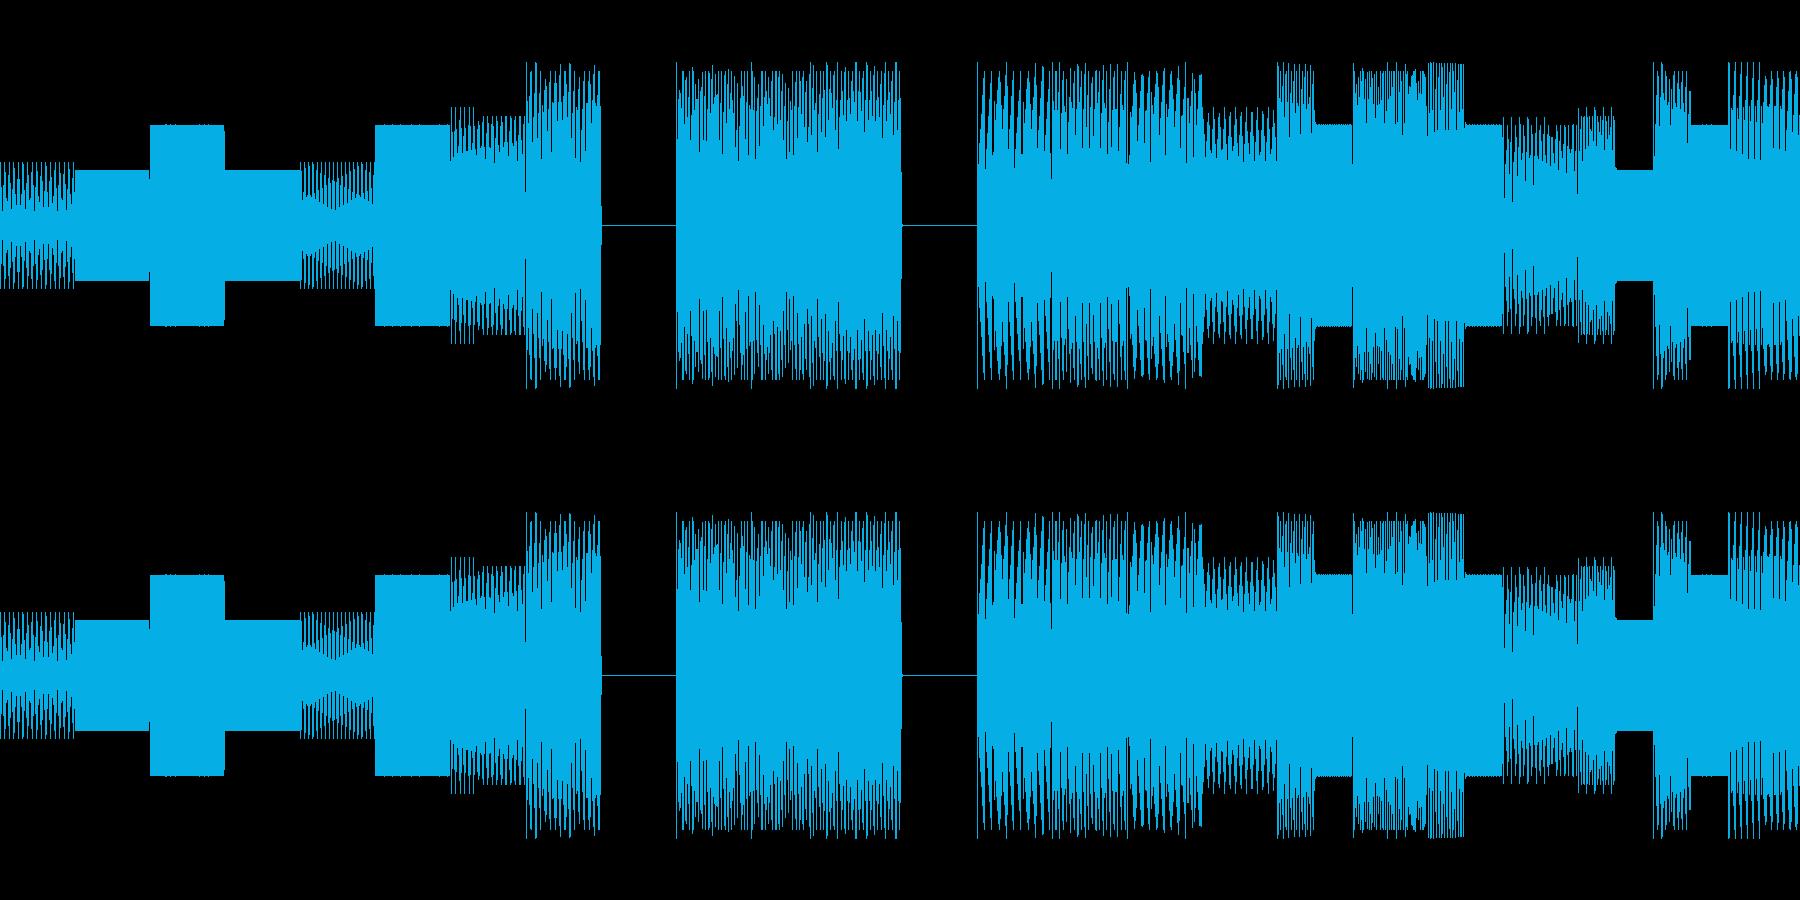 ゲームやラジオの合間に挟まるキャッチの再生済みの波形